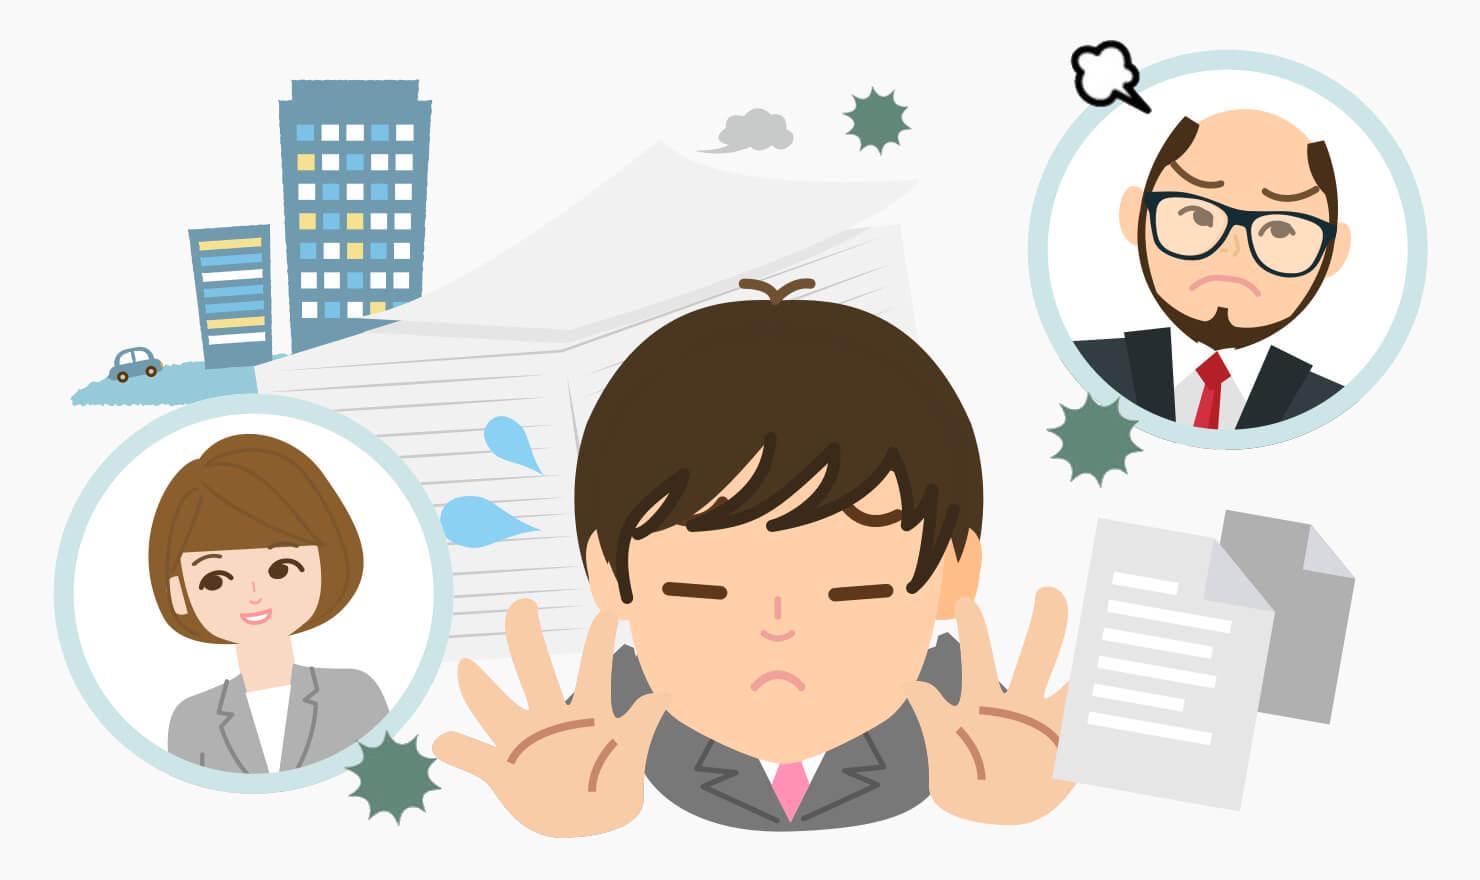 「会社を辞めたい」が言えないときの心理と5つの対処法